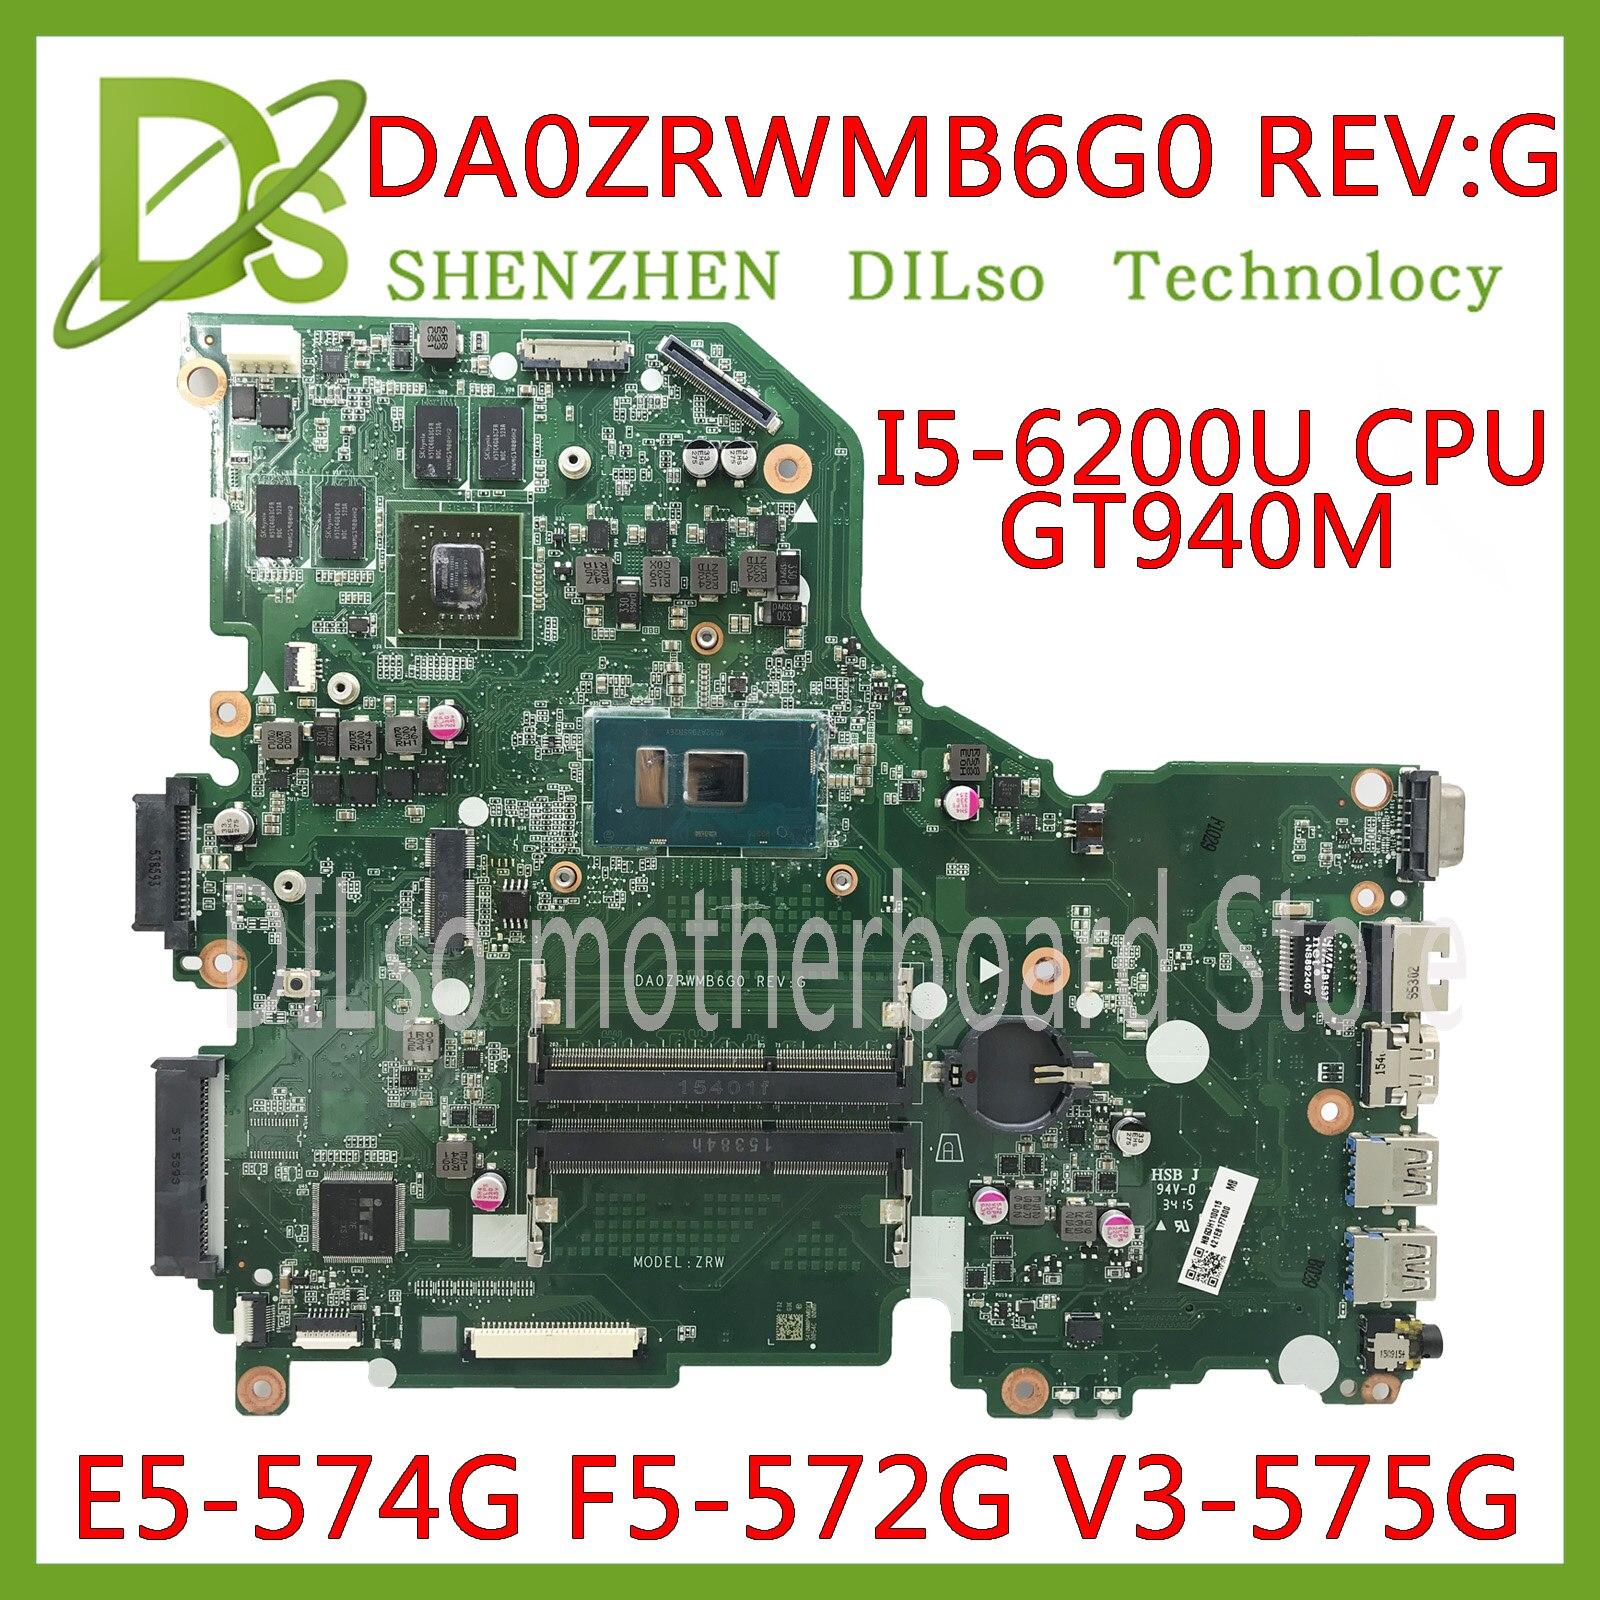 KEFU E5-574G Mainboard For Acer Aspire E5-574 E5-574G F5-572 V3-575 V3-575G Motherboard I5-6200U CPU DA0ZRWMB6G0 Test Original